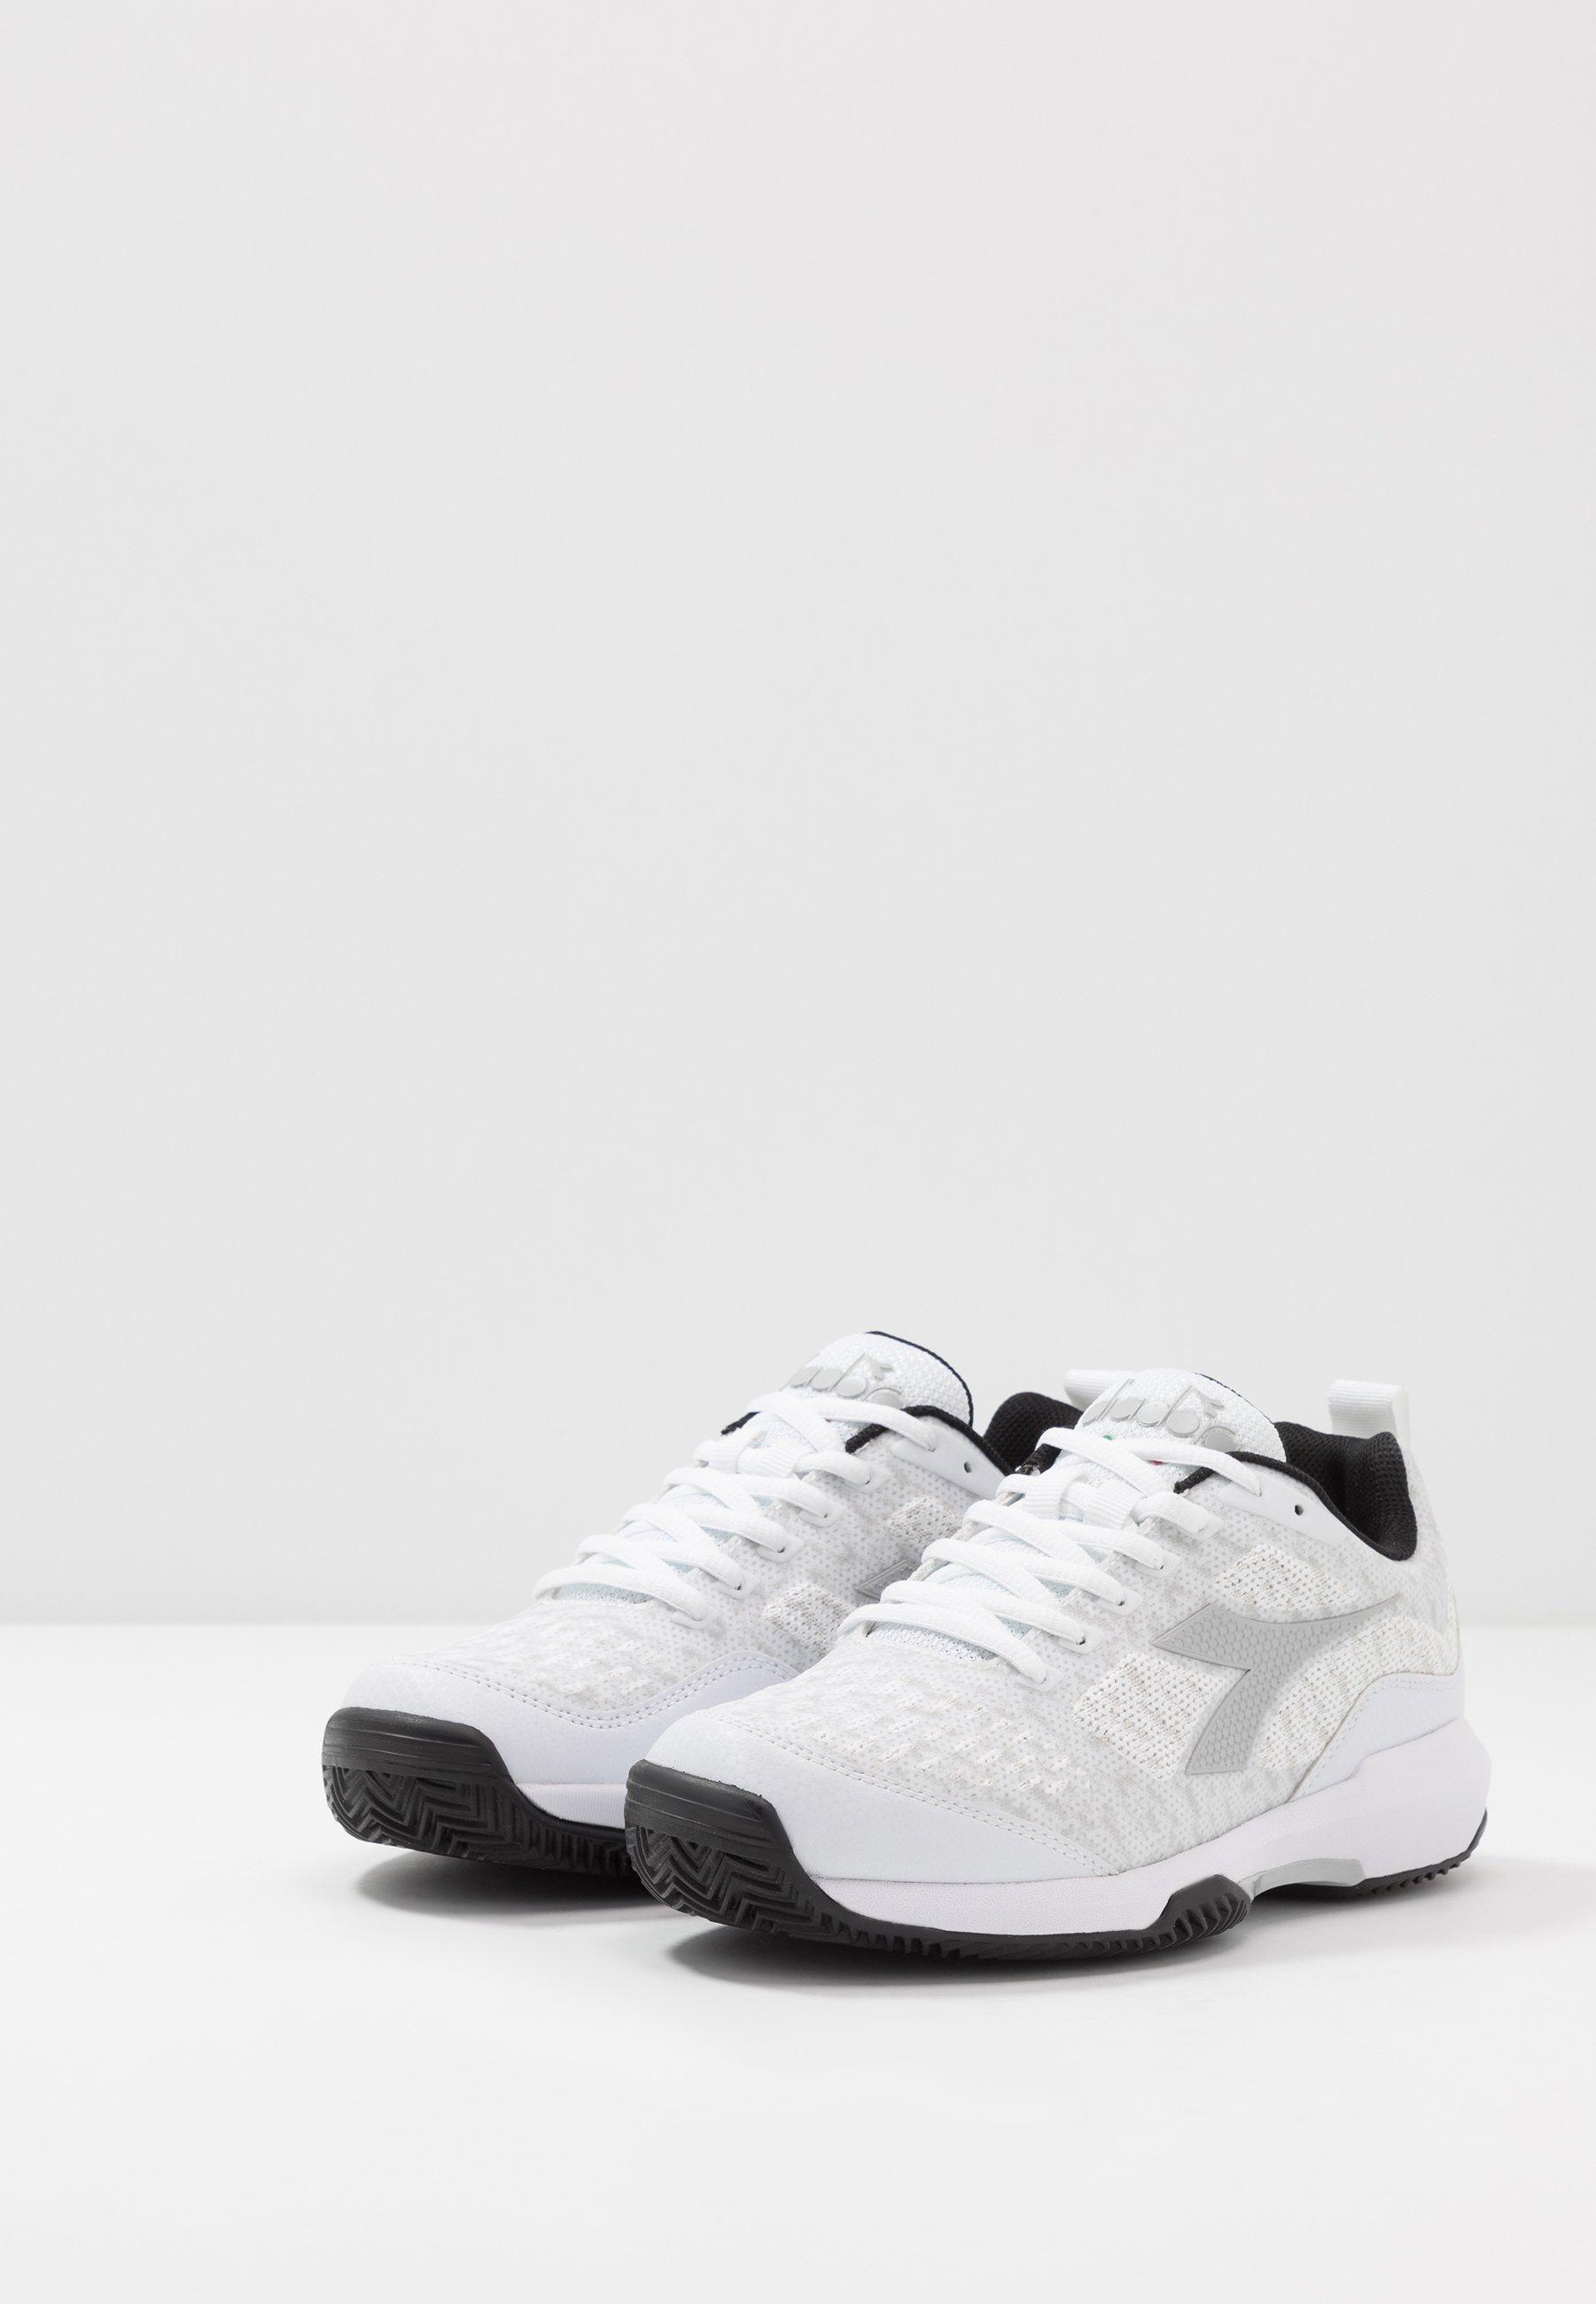 Diadora S.SHOT CLAY - Chaussures de tennis pour terre-battueerre battue - white/silver/black - Chaussures de sport femme En ligne